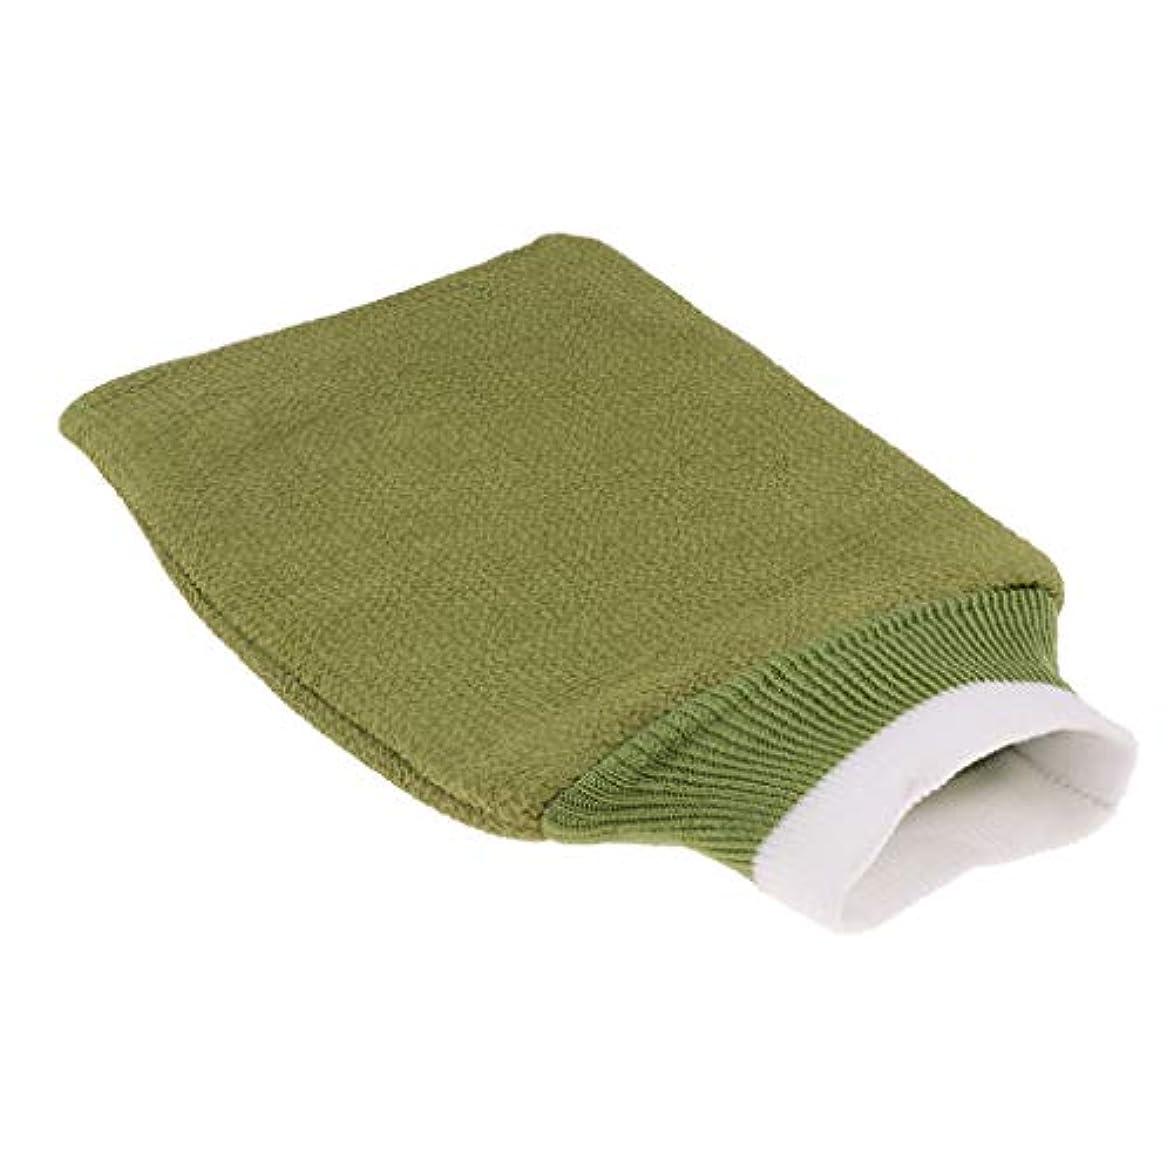 立証する福祉進むgazechimp バスグローブ 浴用手袋 シャワー用 バスミット 垢すり手袋 毛穴清潔 角質除去 男女兼用 全3色 - 緑